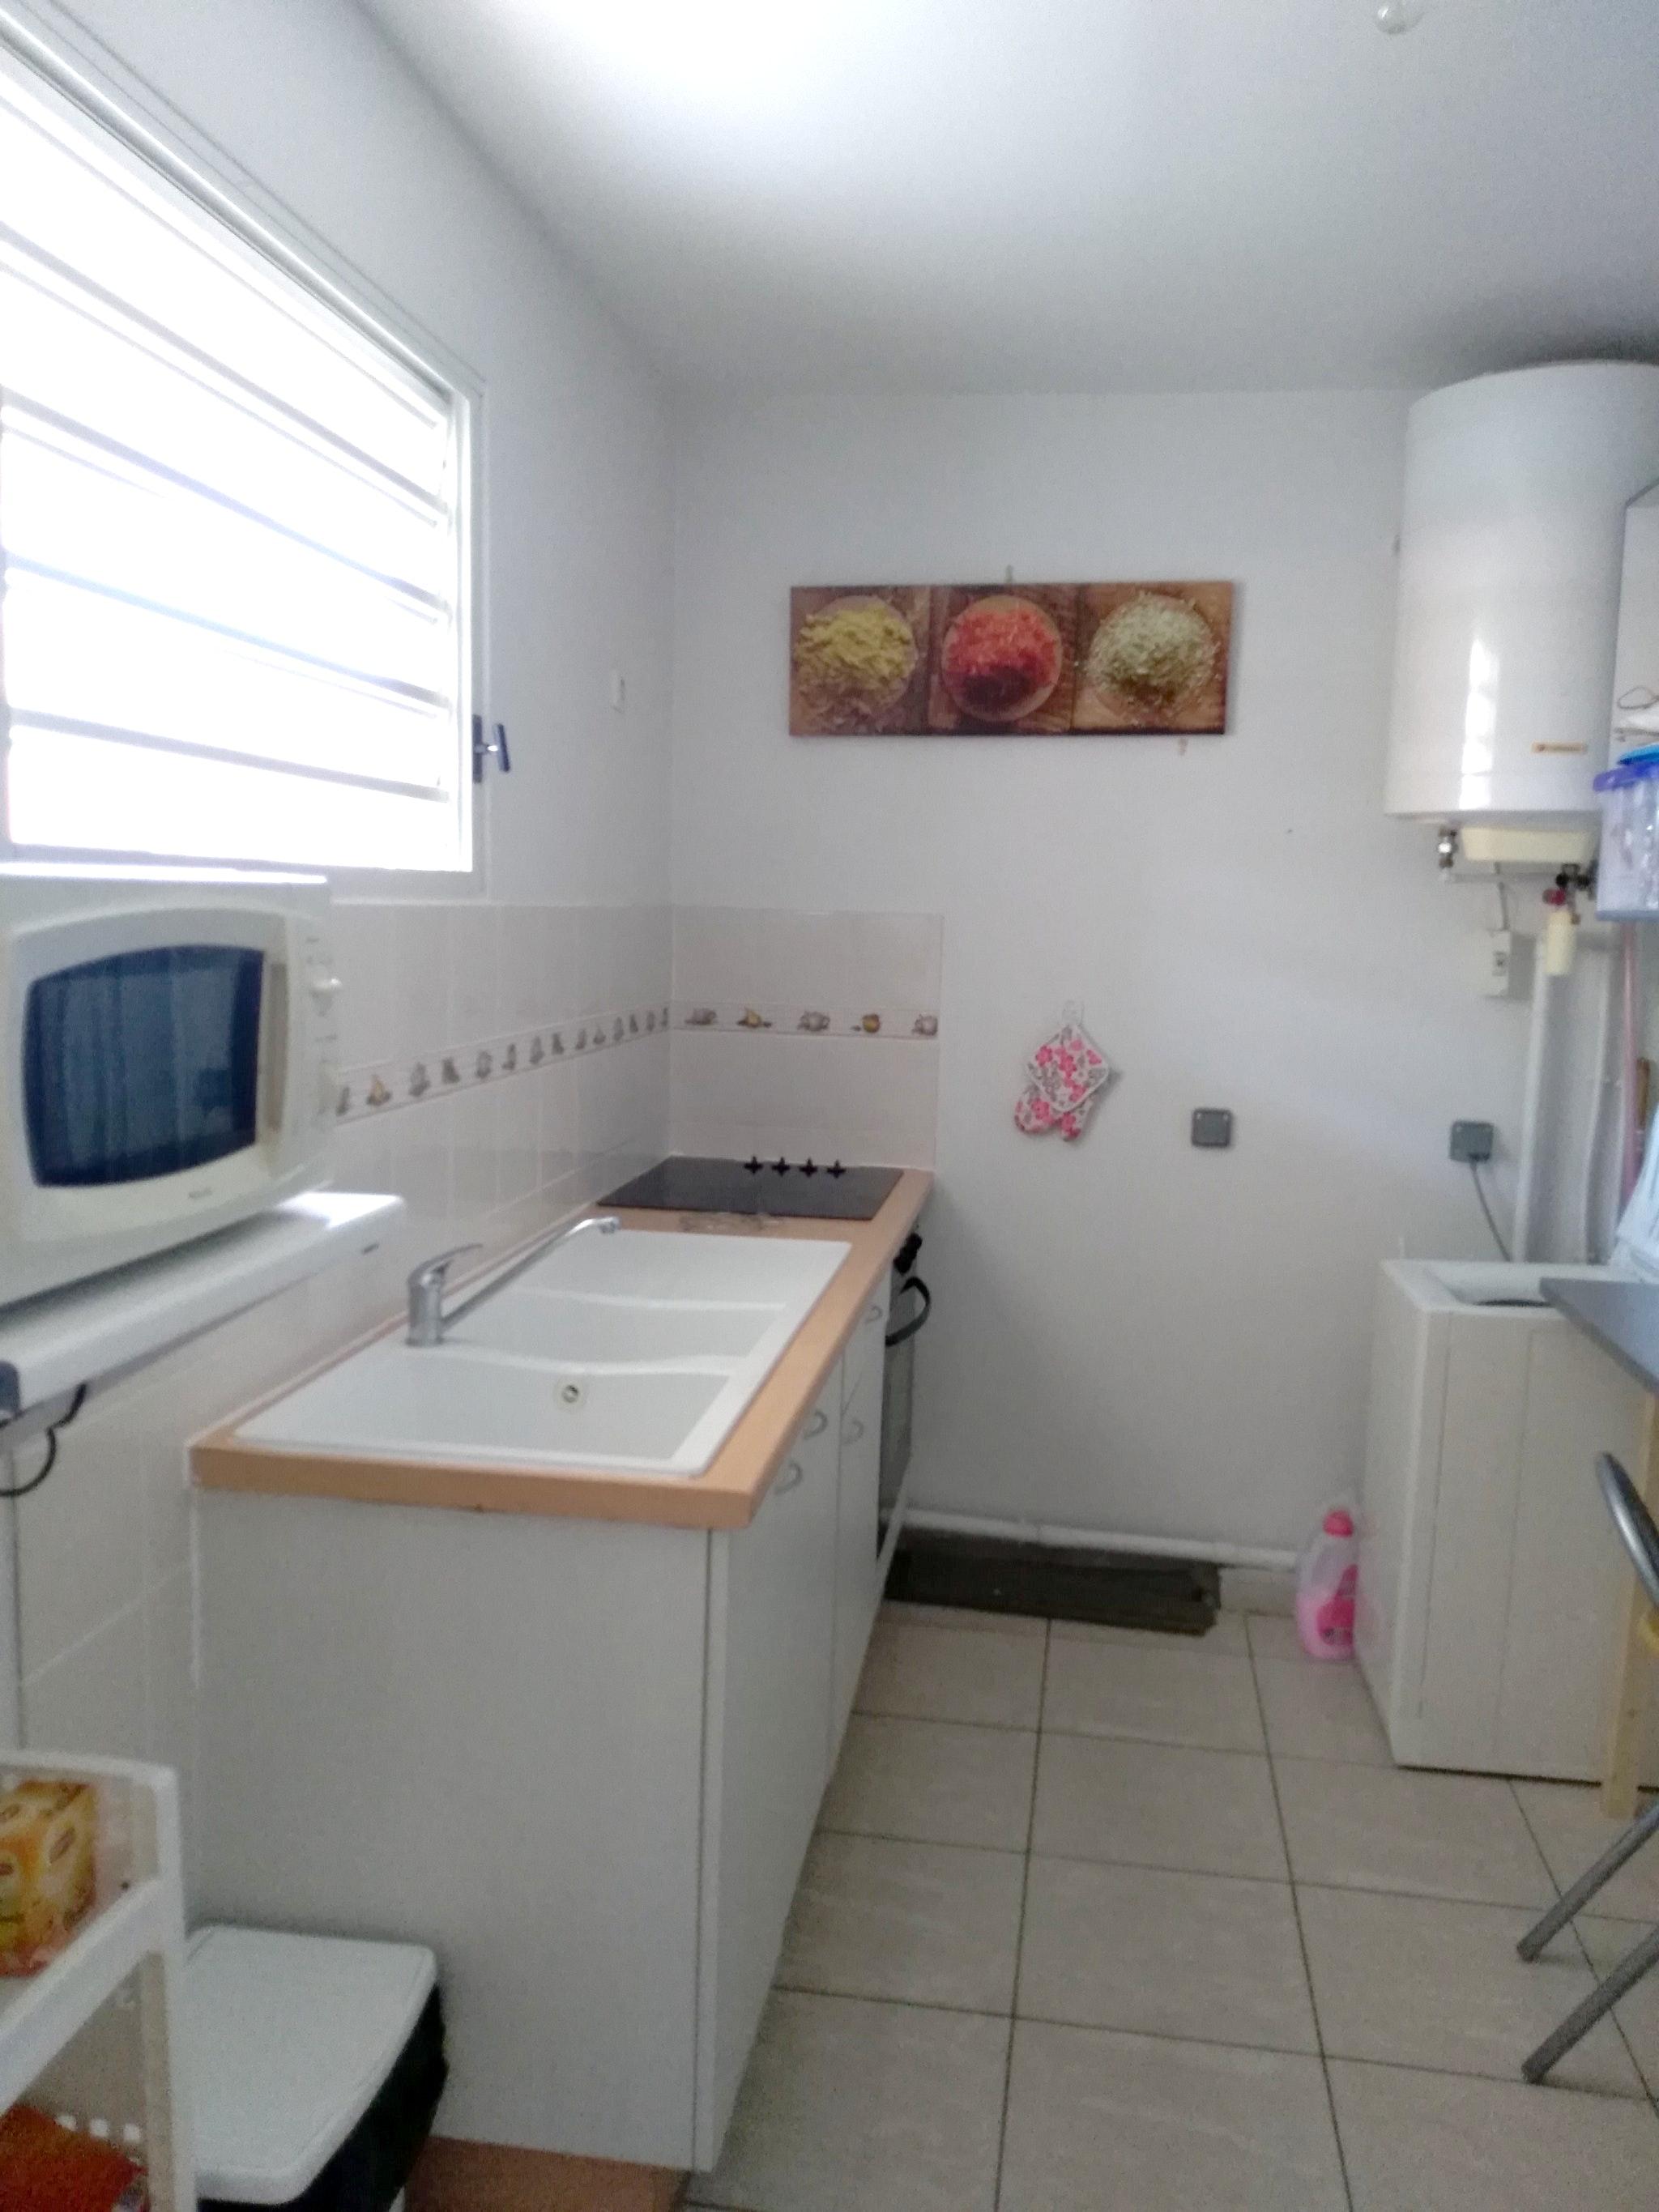 Ferienhaus Haus mit 2 Schlafzimmern in Les Trois-Ilets mit Pool, eingezäuntem Garten und W-LAN - 500  (2664081), Les Trois-Îlets, Le Marin, Martinique, Karibische Inseln, Bild 11